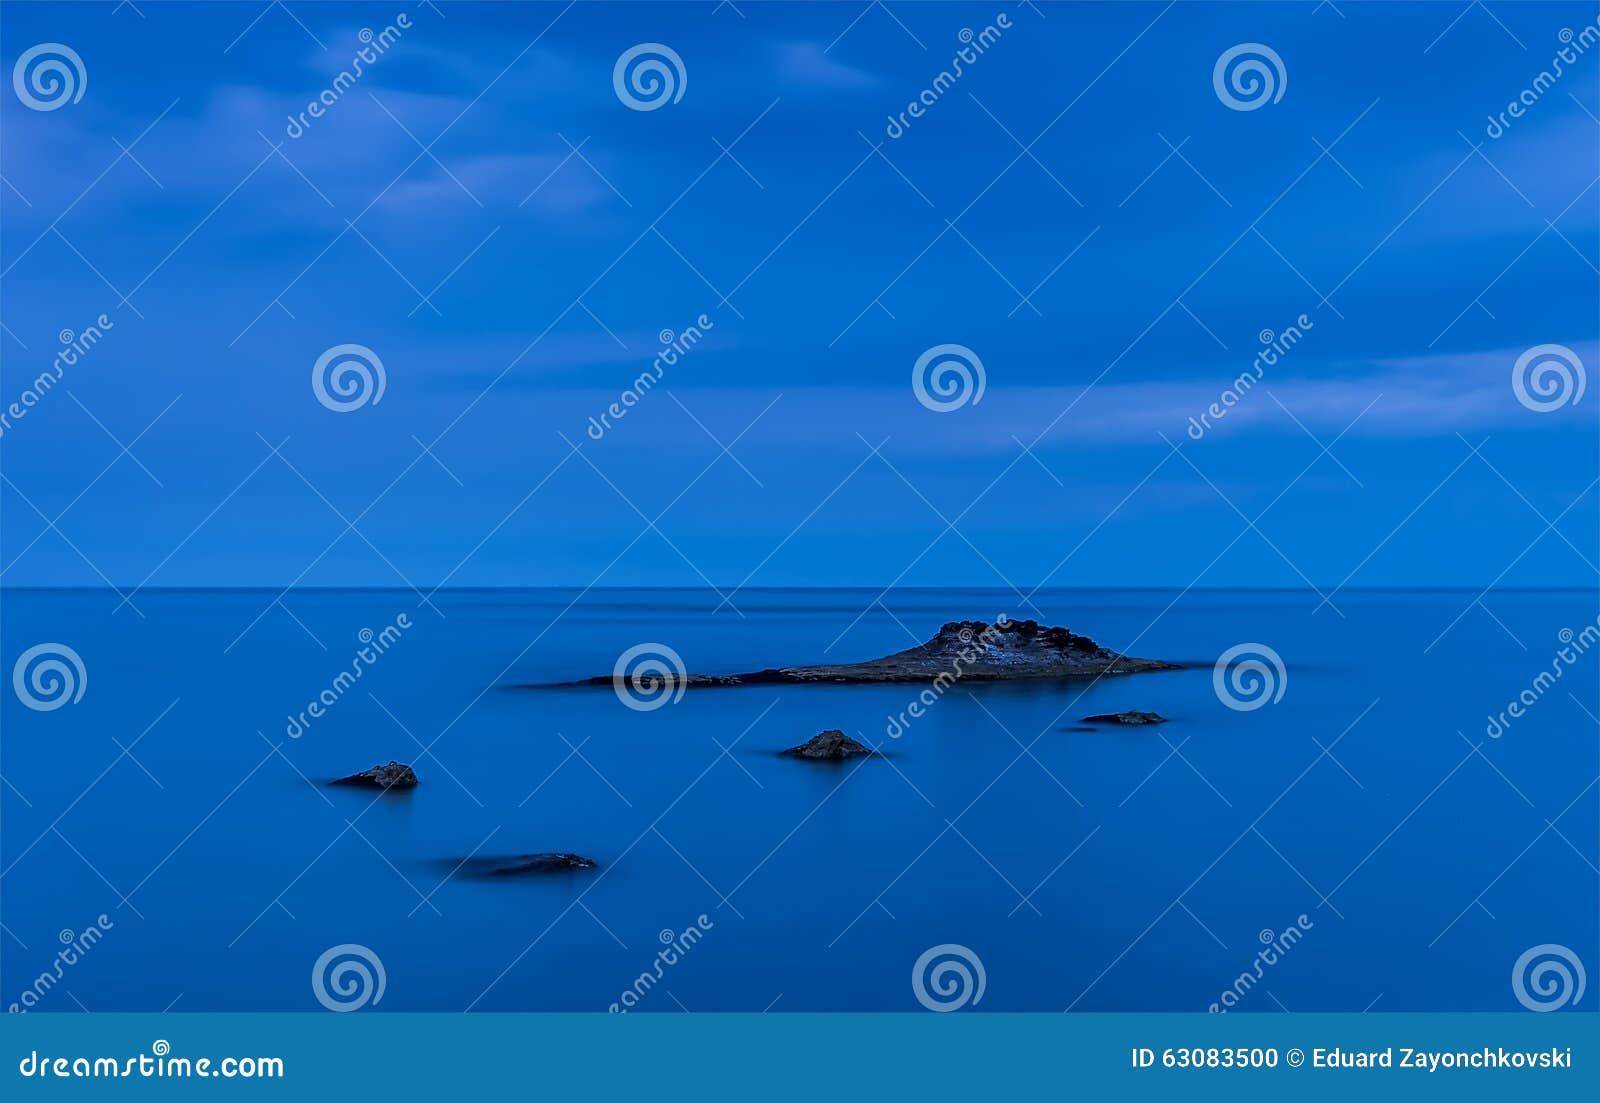 Download Paix dans le bleu photo stock. Image du beauté, littoral - 63083500